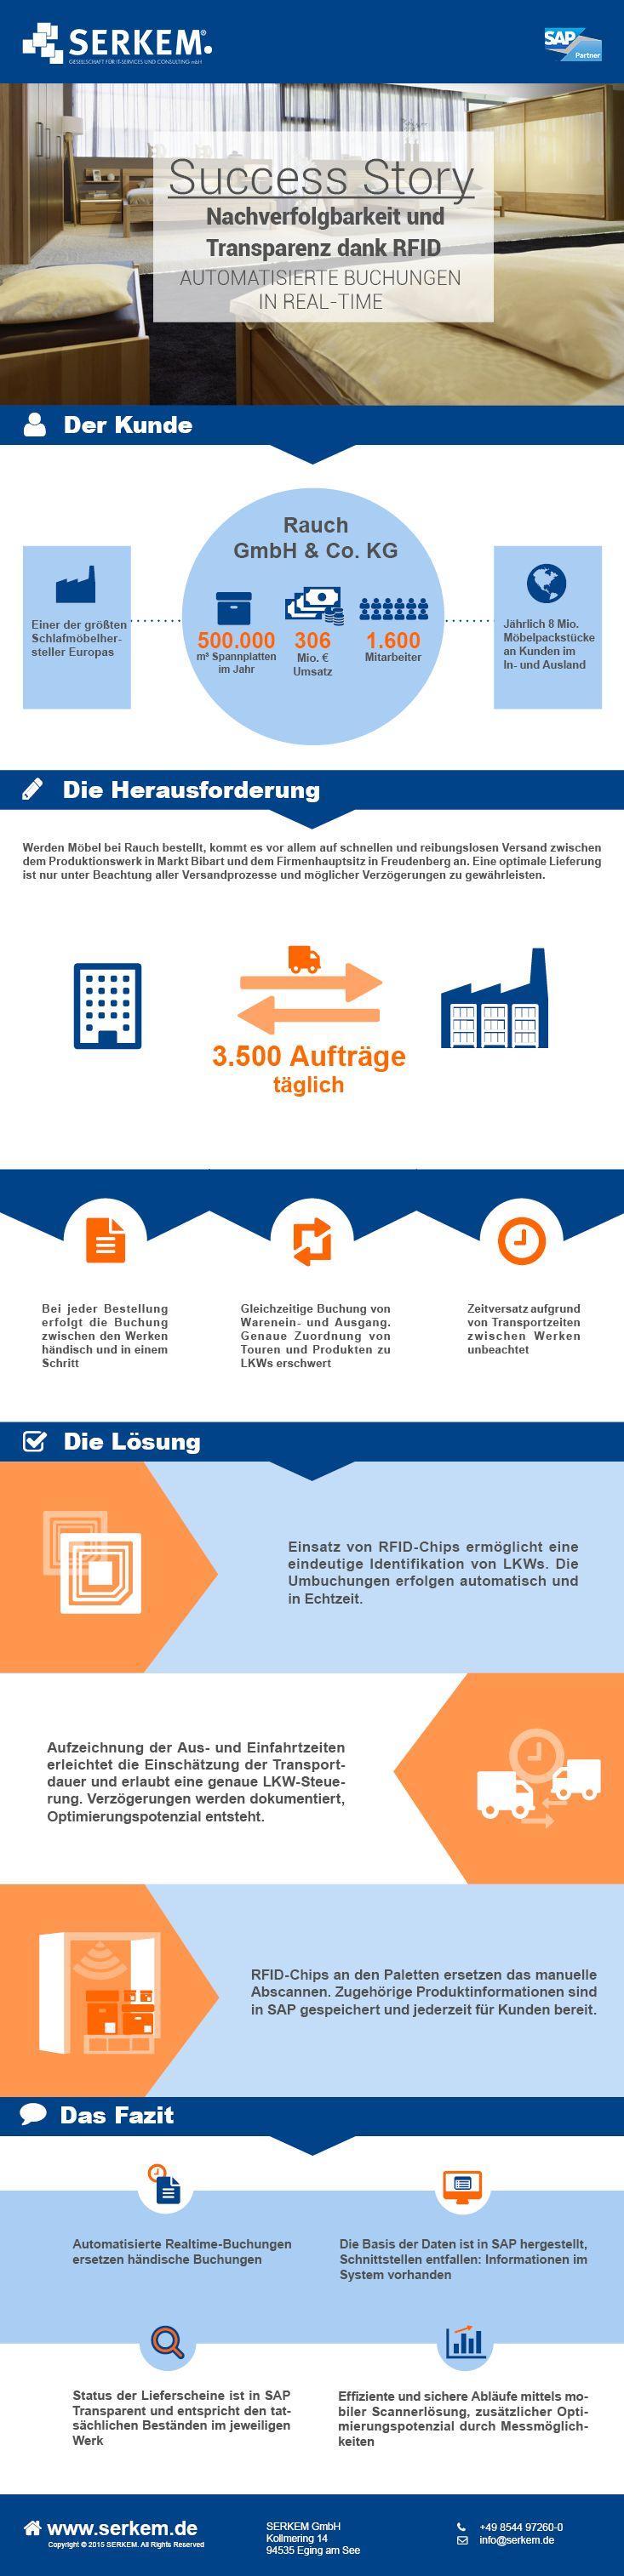 Nachverfolgbarkeit und Transparenz dank RFID. Kundenprojekt bei Rauch Möbel: Automatisierte Buchungen in Real-Time.